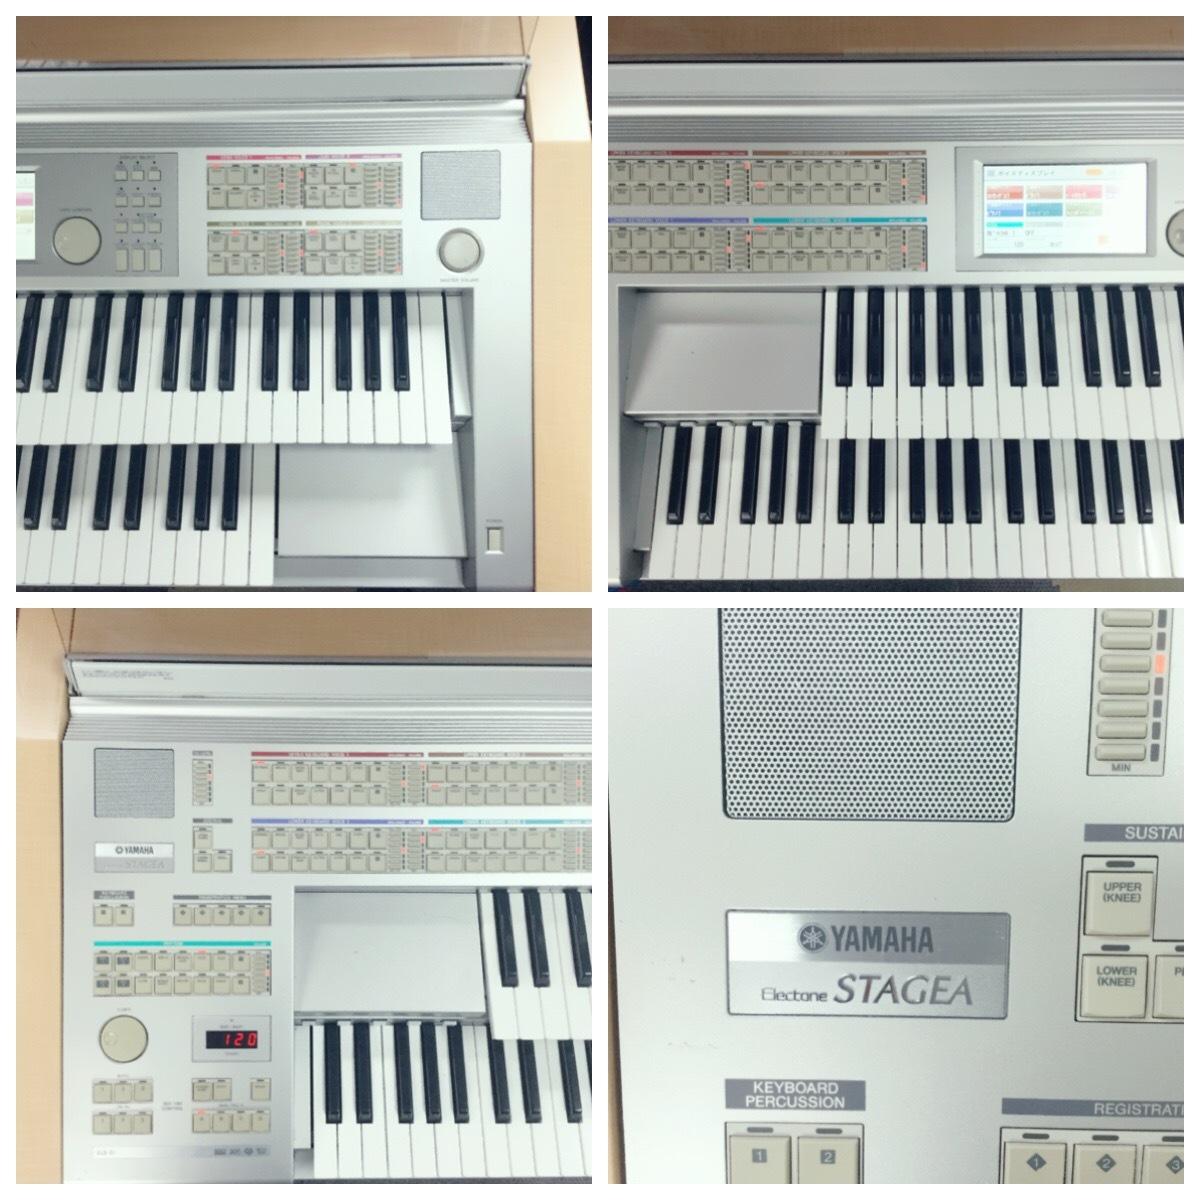 ☆ YAMAHA ヤマハ ELS-01 STAGEA ステージア エレクトーン 鍵盤 電子オルガン 楽器 演奏 キーボード 2004年製 現状品 ☆_画像3